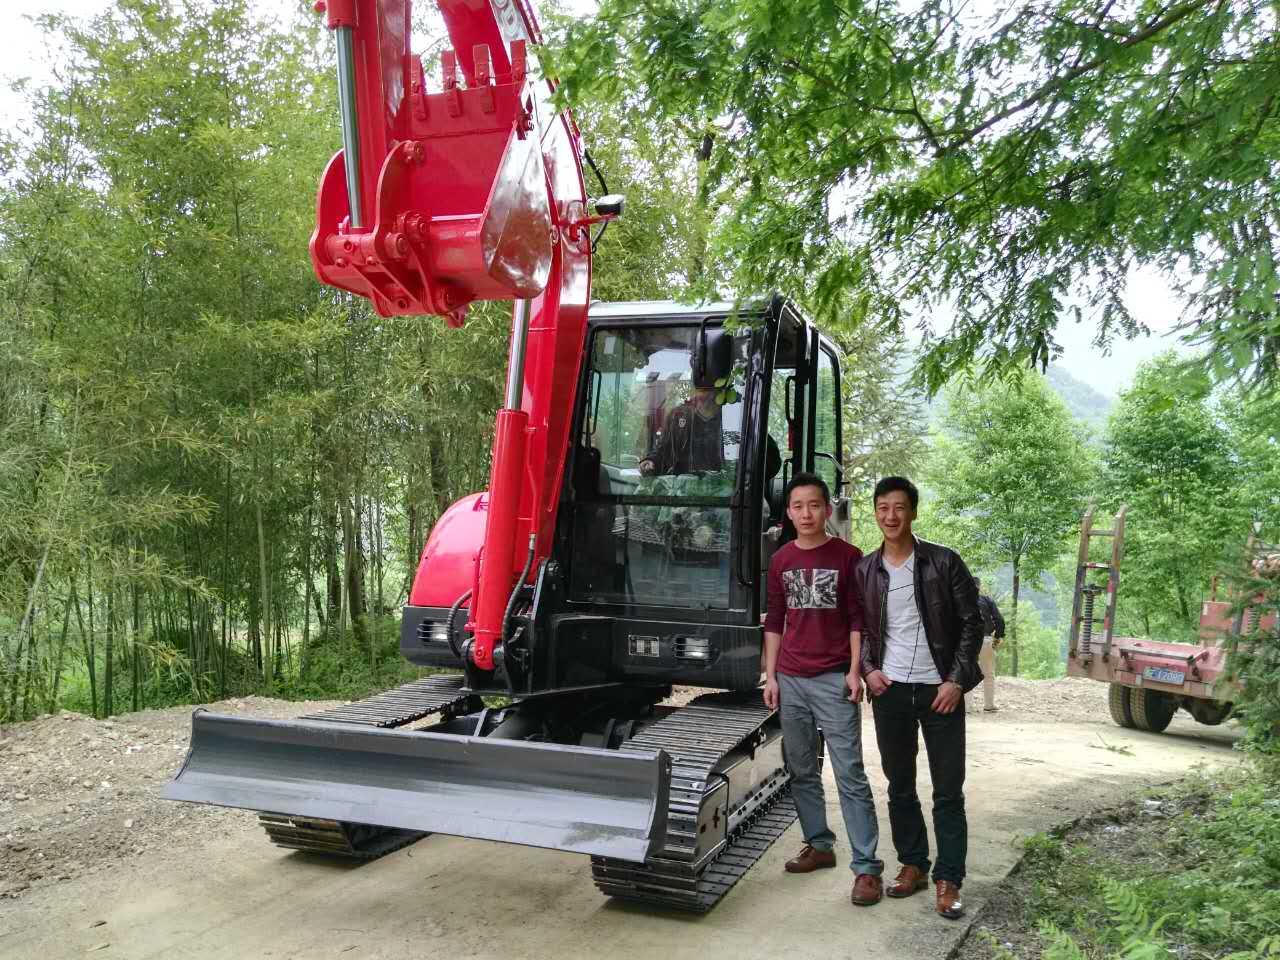 土方活,无论是修路、土方装车, 以宝鼎小型挖掘机为例,现在在农